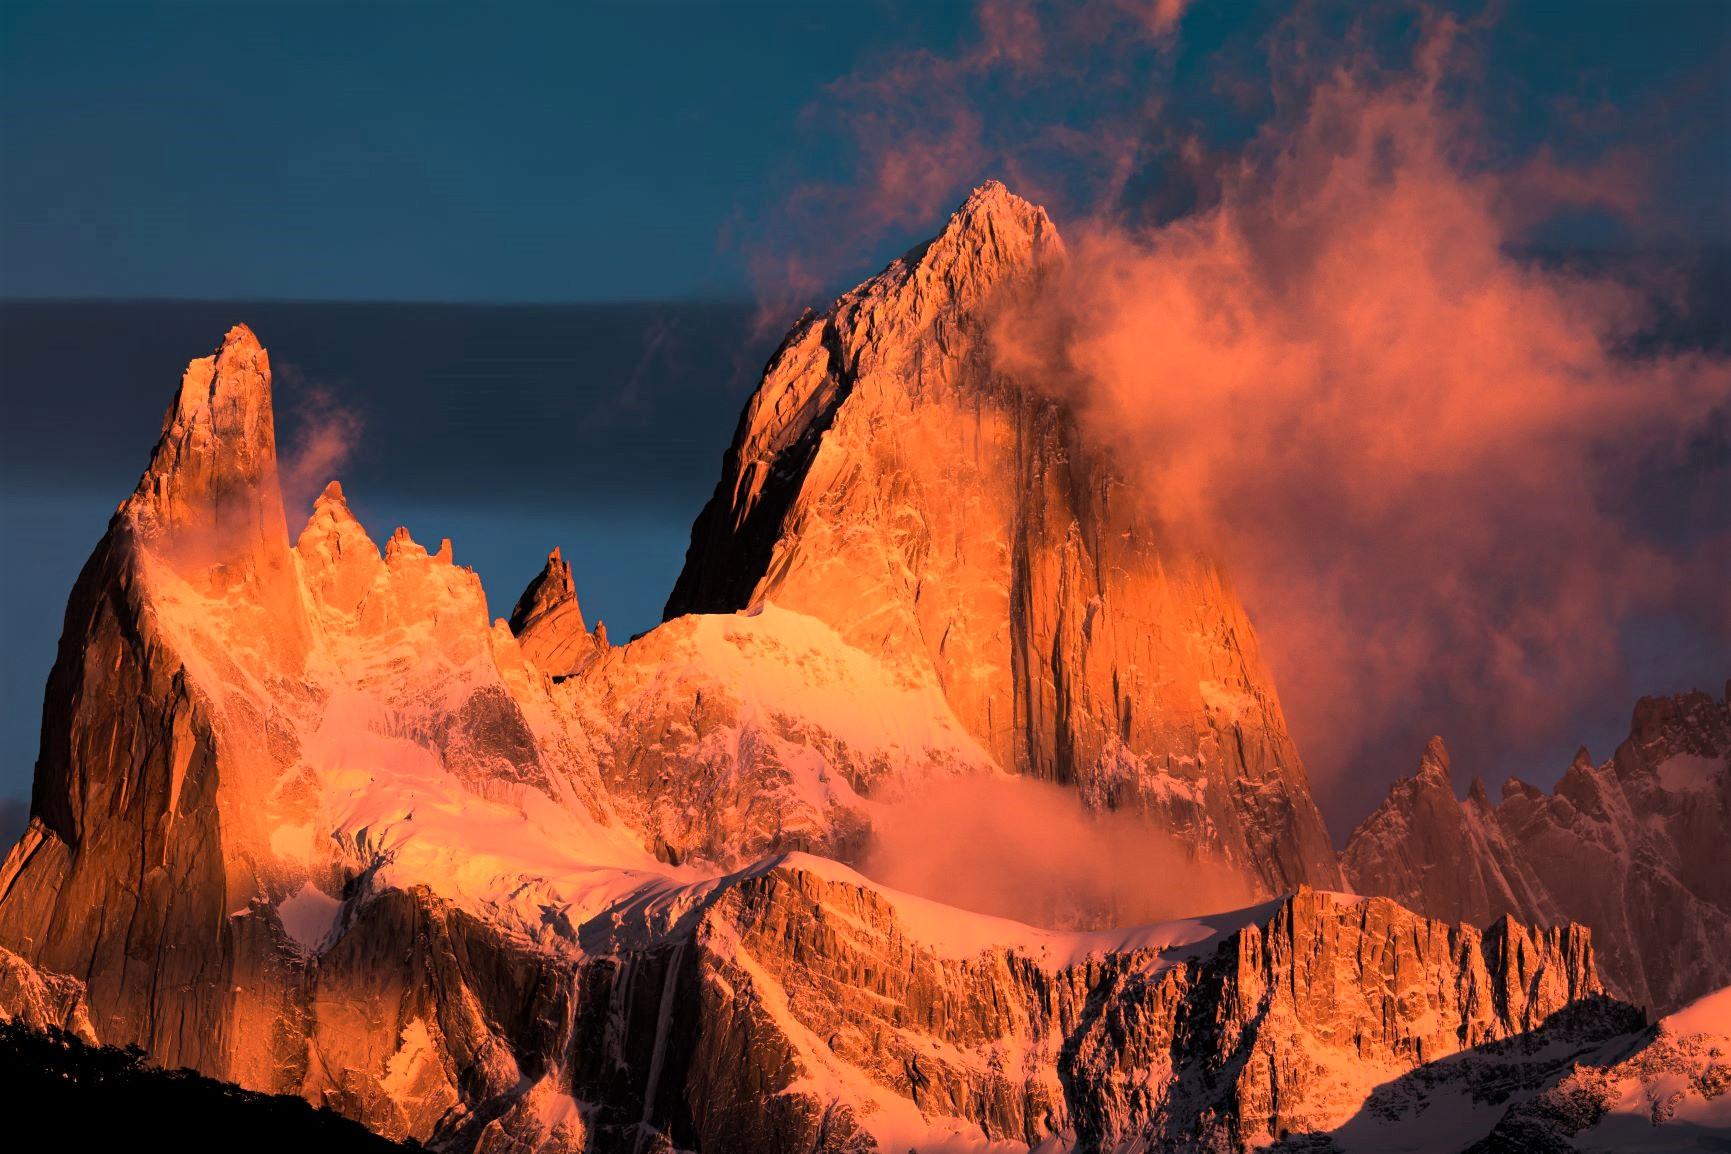 雲湧き、朝陽に染まるフィッツロイ峰の勇姿